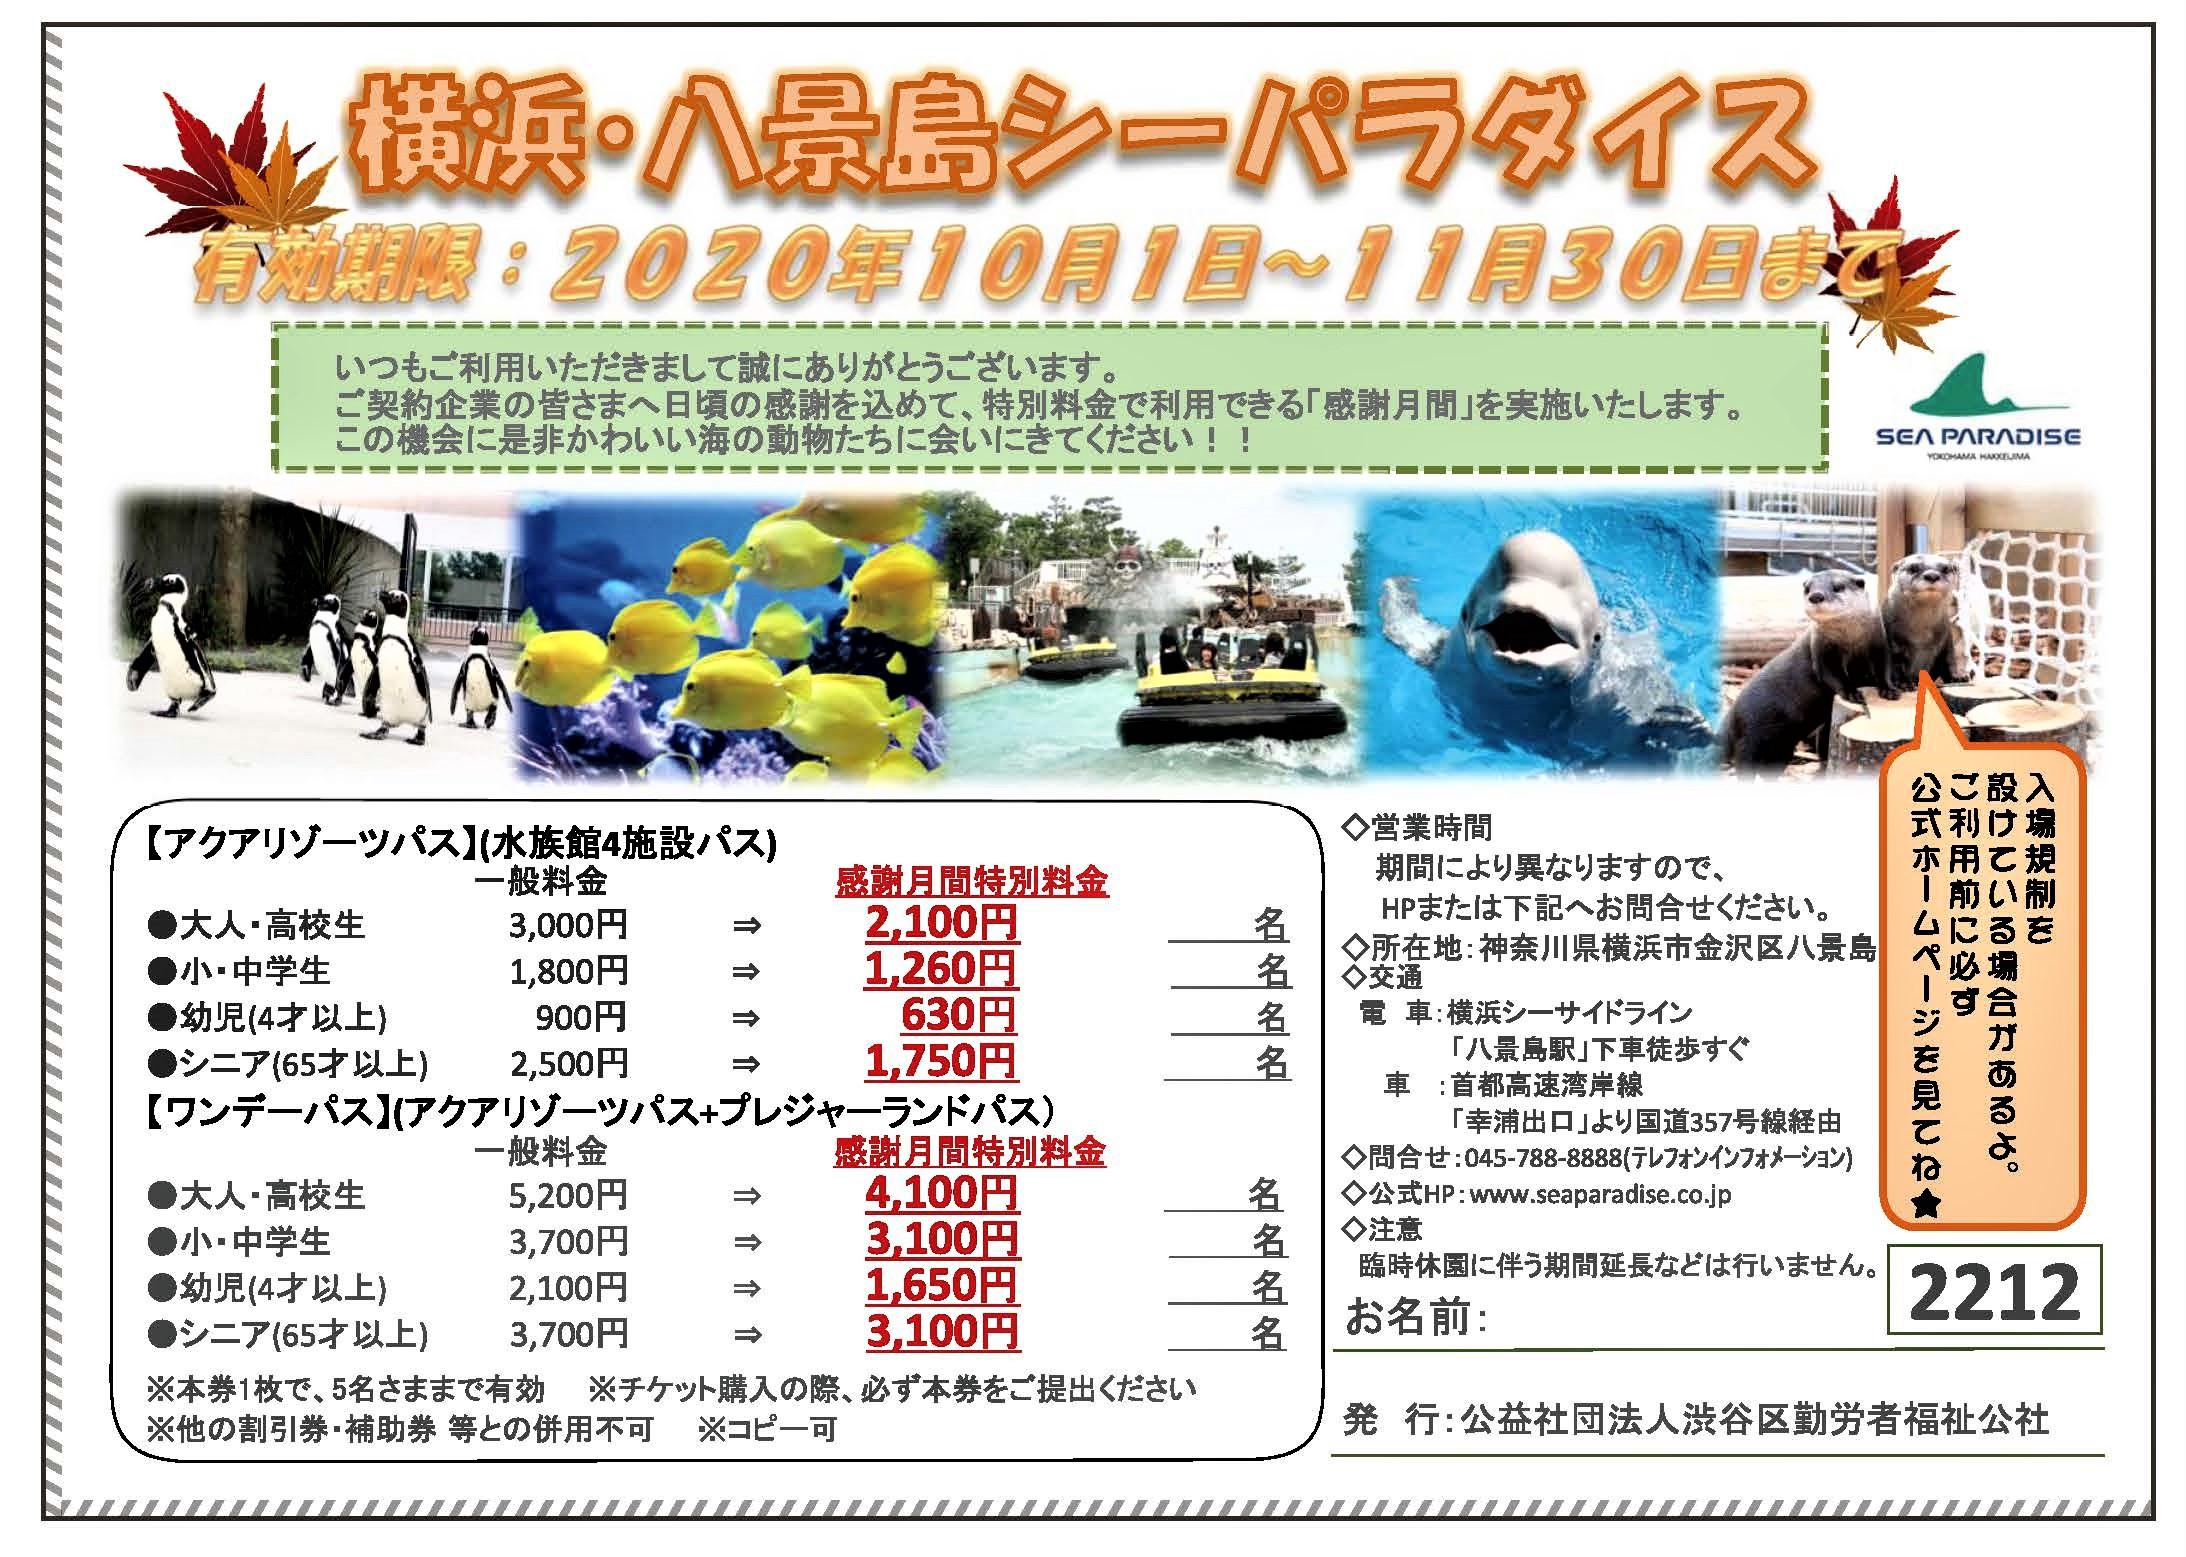 ~11/30(月)まで。横浜・八景島シーパラダイス感謝月間クーポン配布